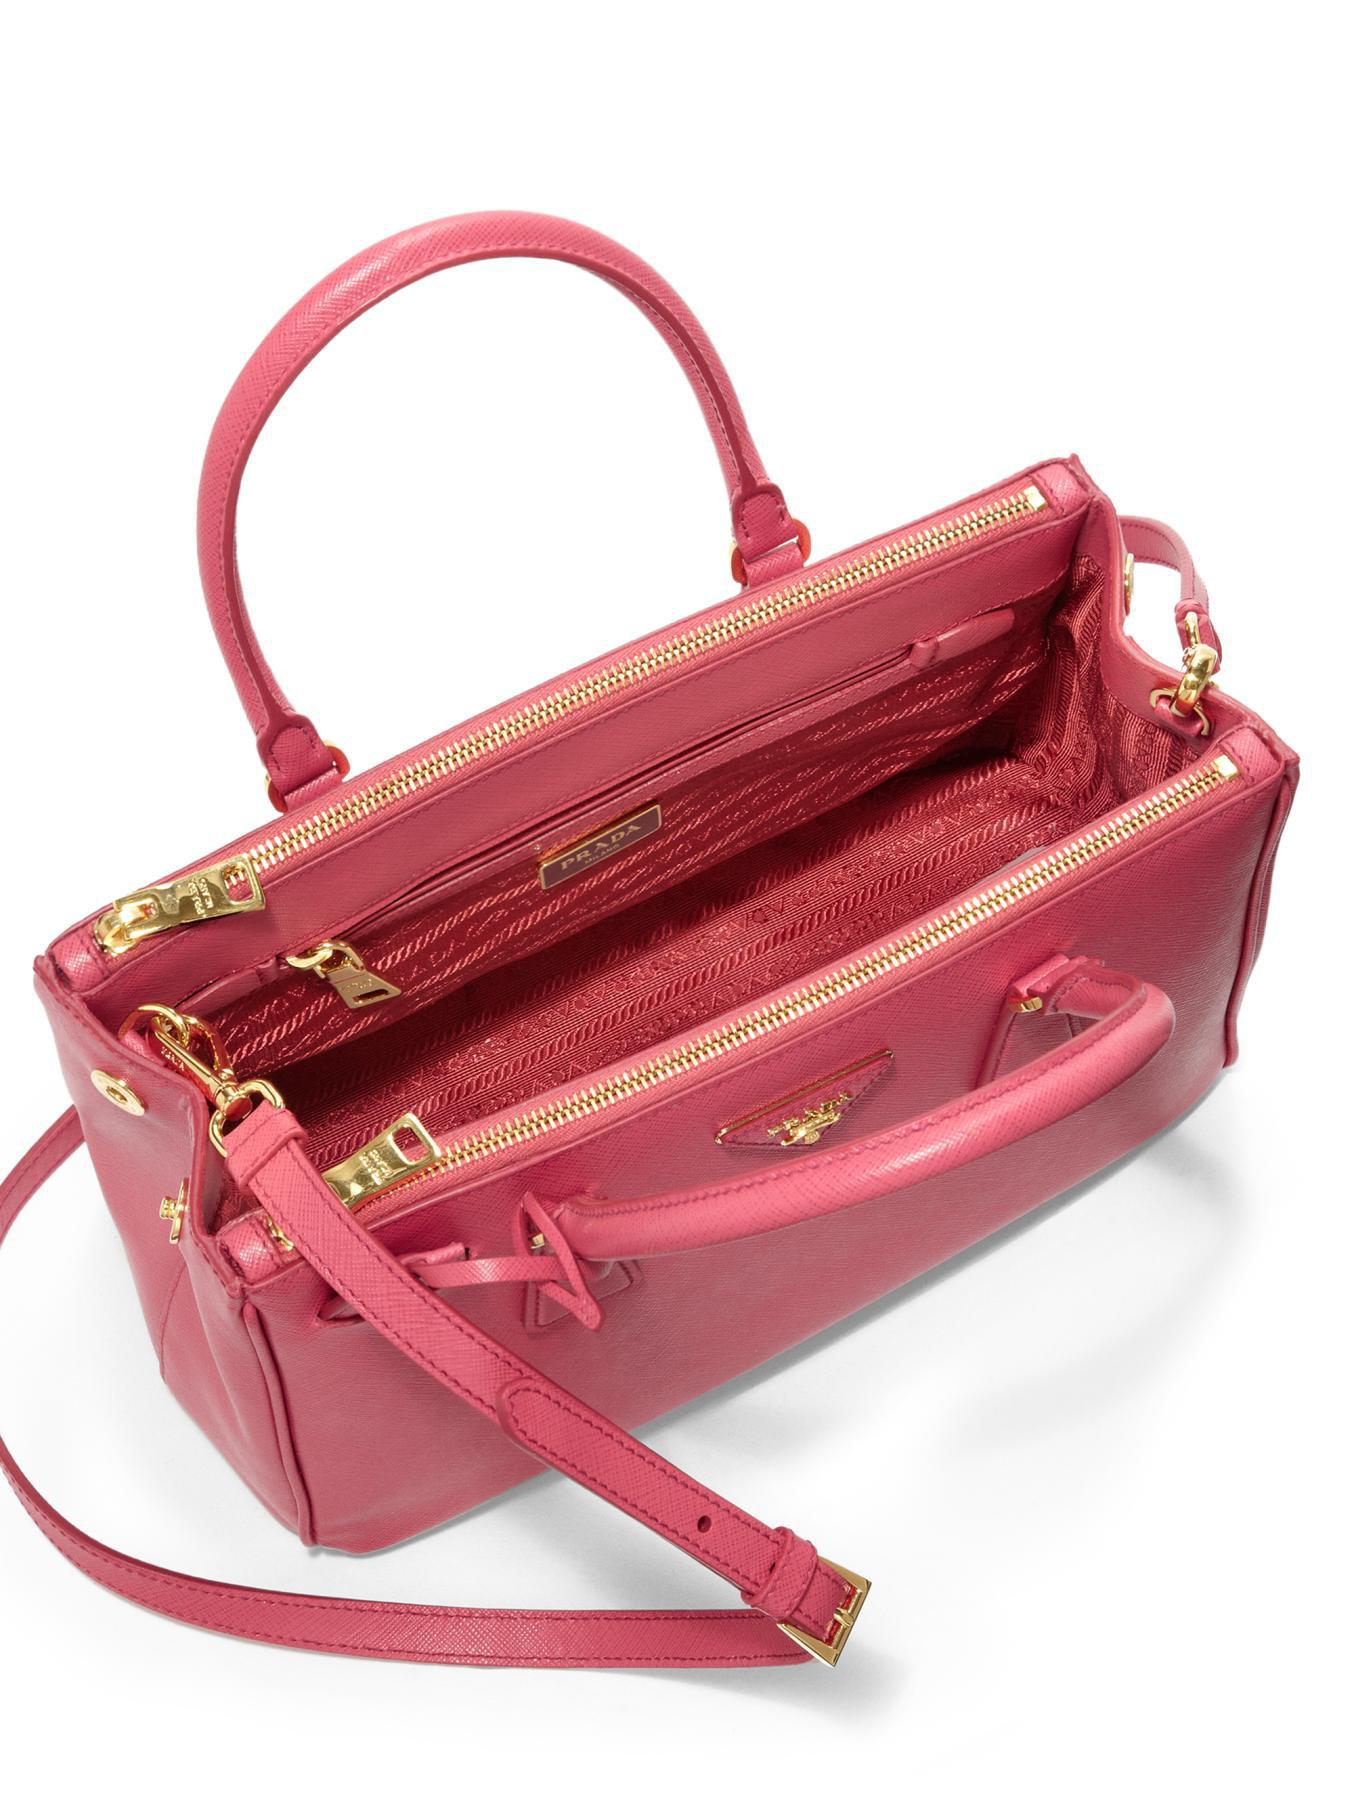 c4e68920125 Lyst - Prada Saffiano Lux Small Double-zip Tote in Pink